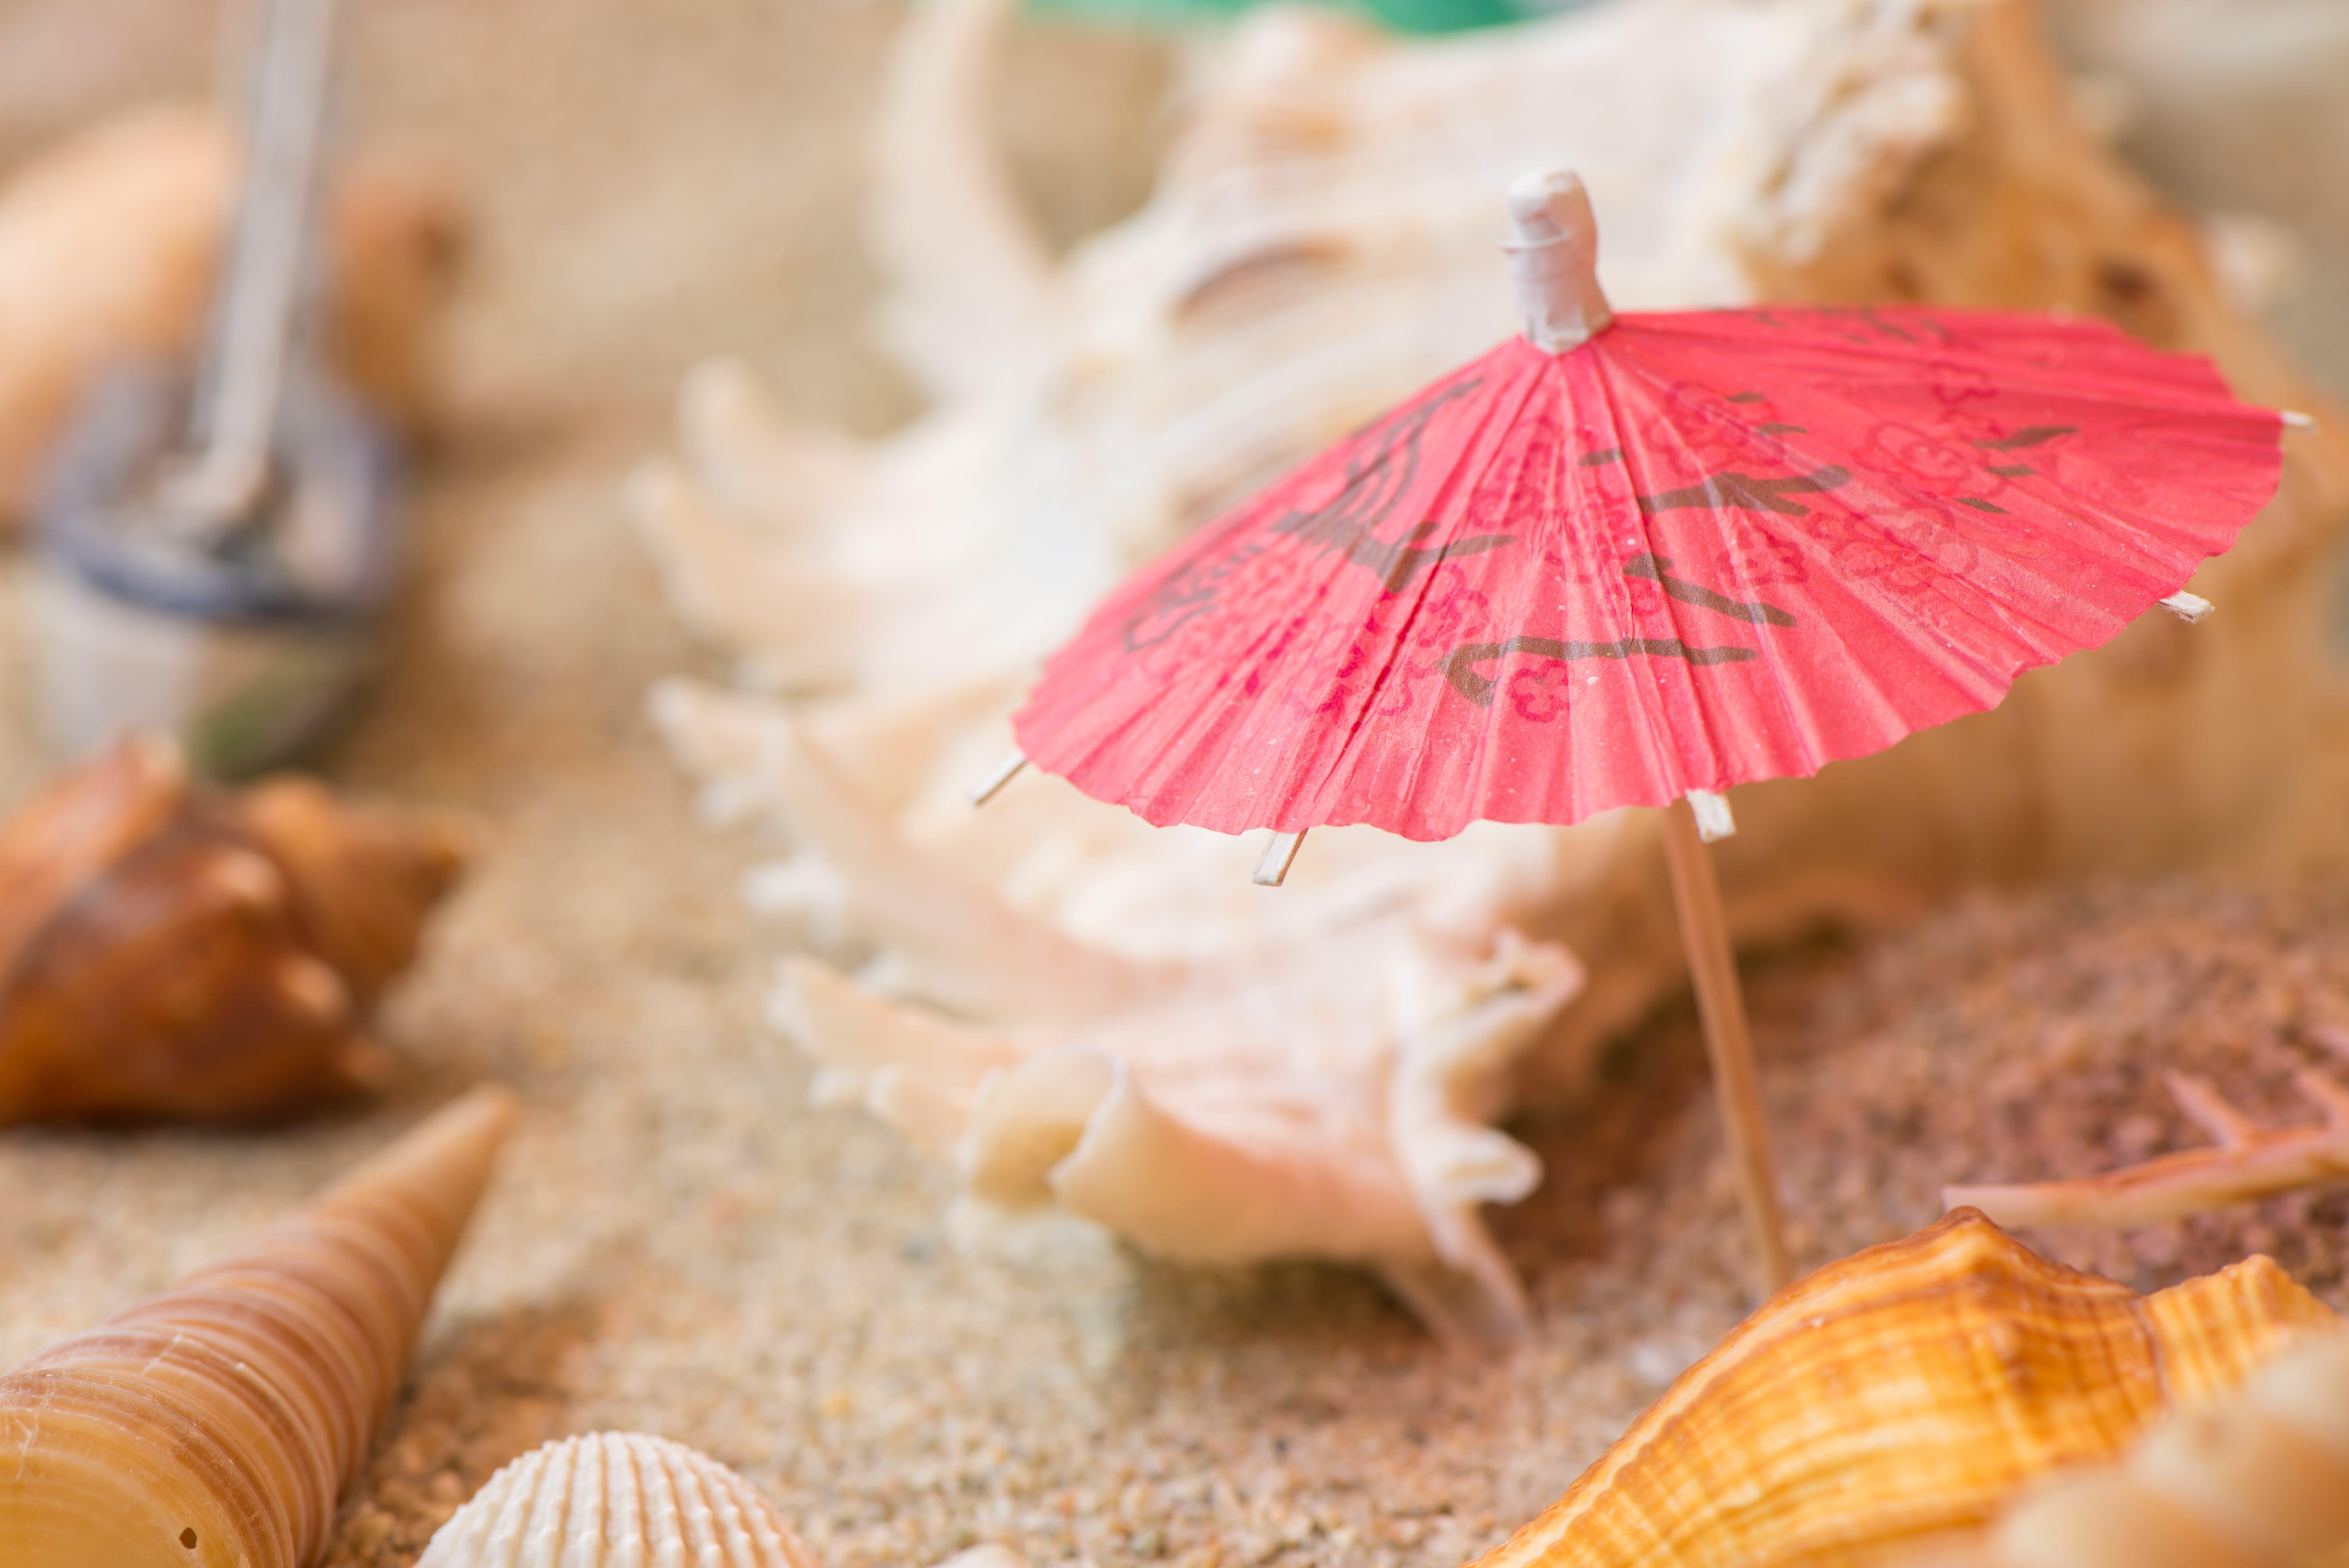 muschel, muscheln, regenschirm